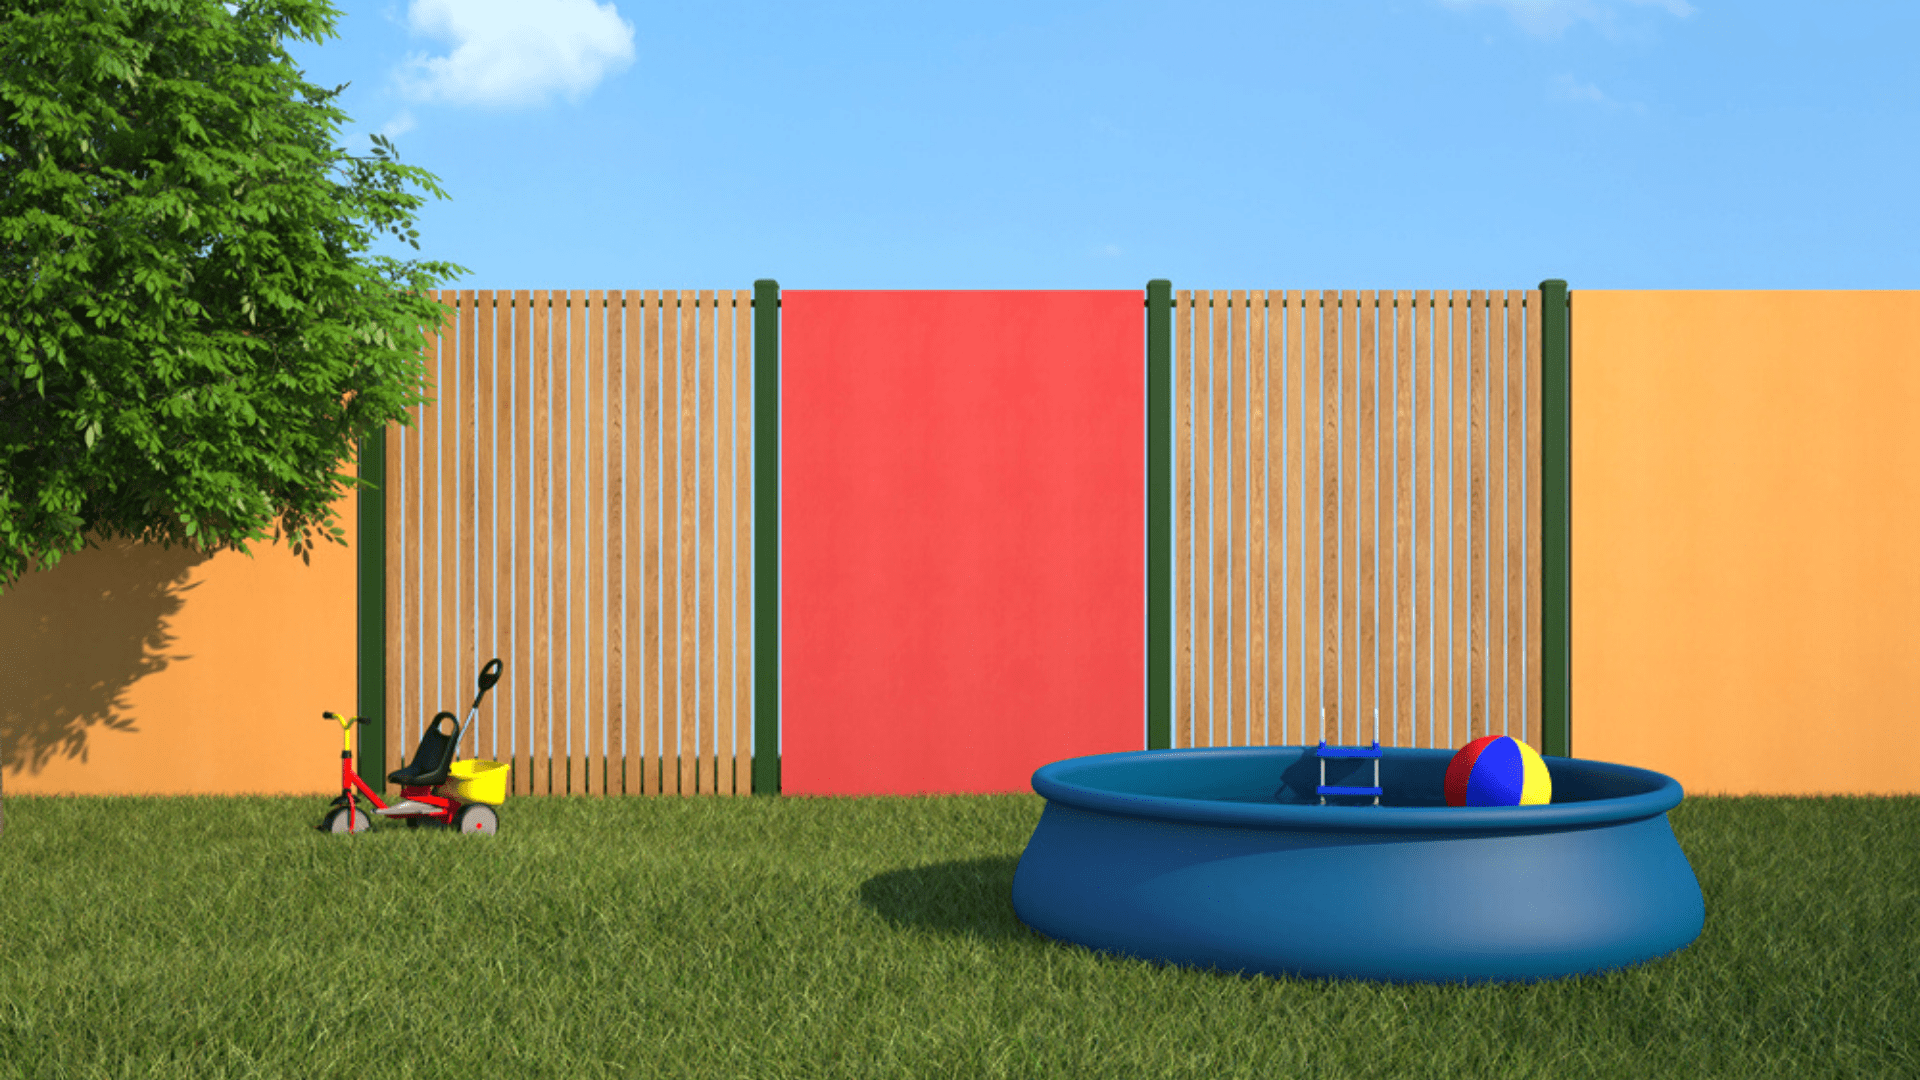 Confira o nosso guia com tudo o que você precisa saber antes de comprar uma piscina (Imagem: Reprodução/Shutterstock)